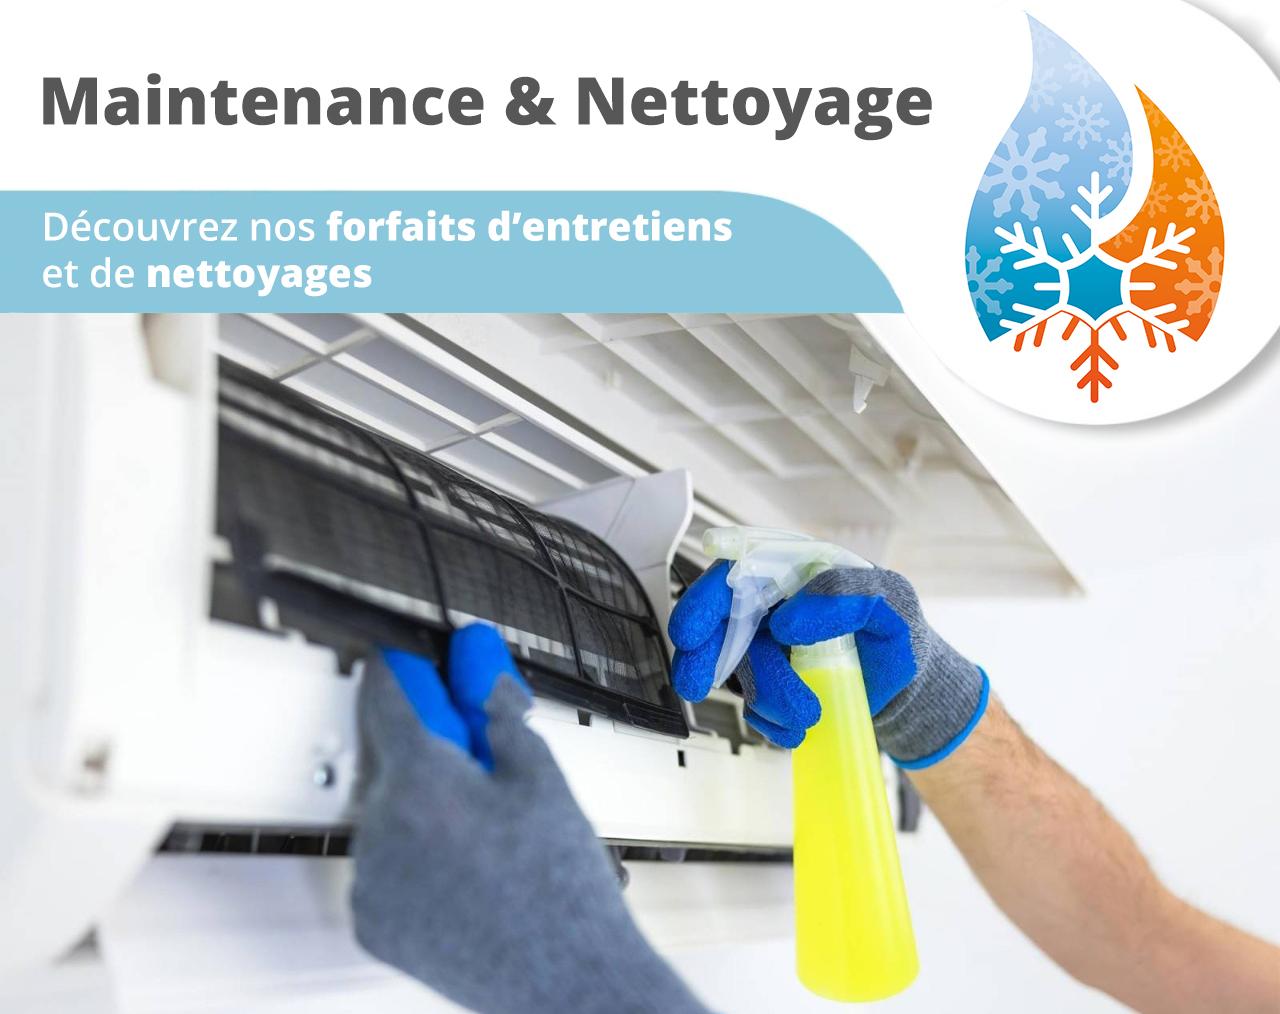 Maintenance-nettoyage-clim-guadeloupe